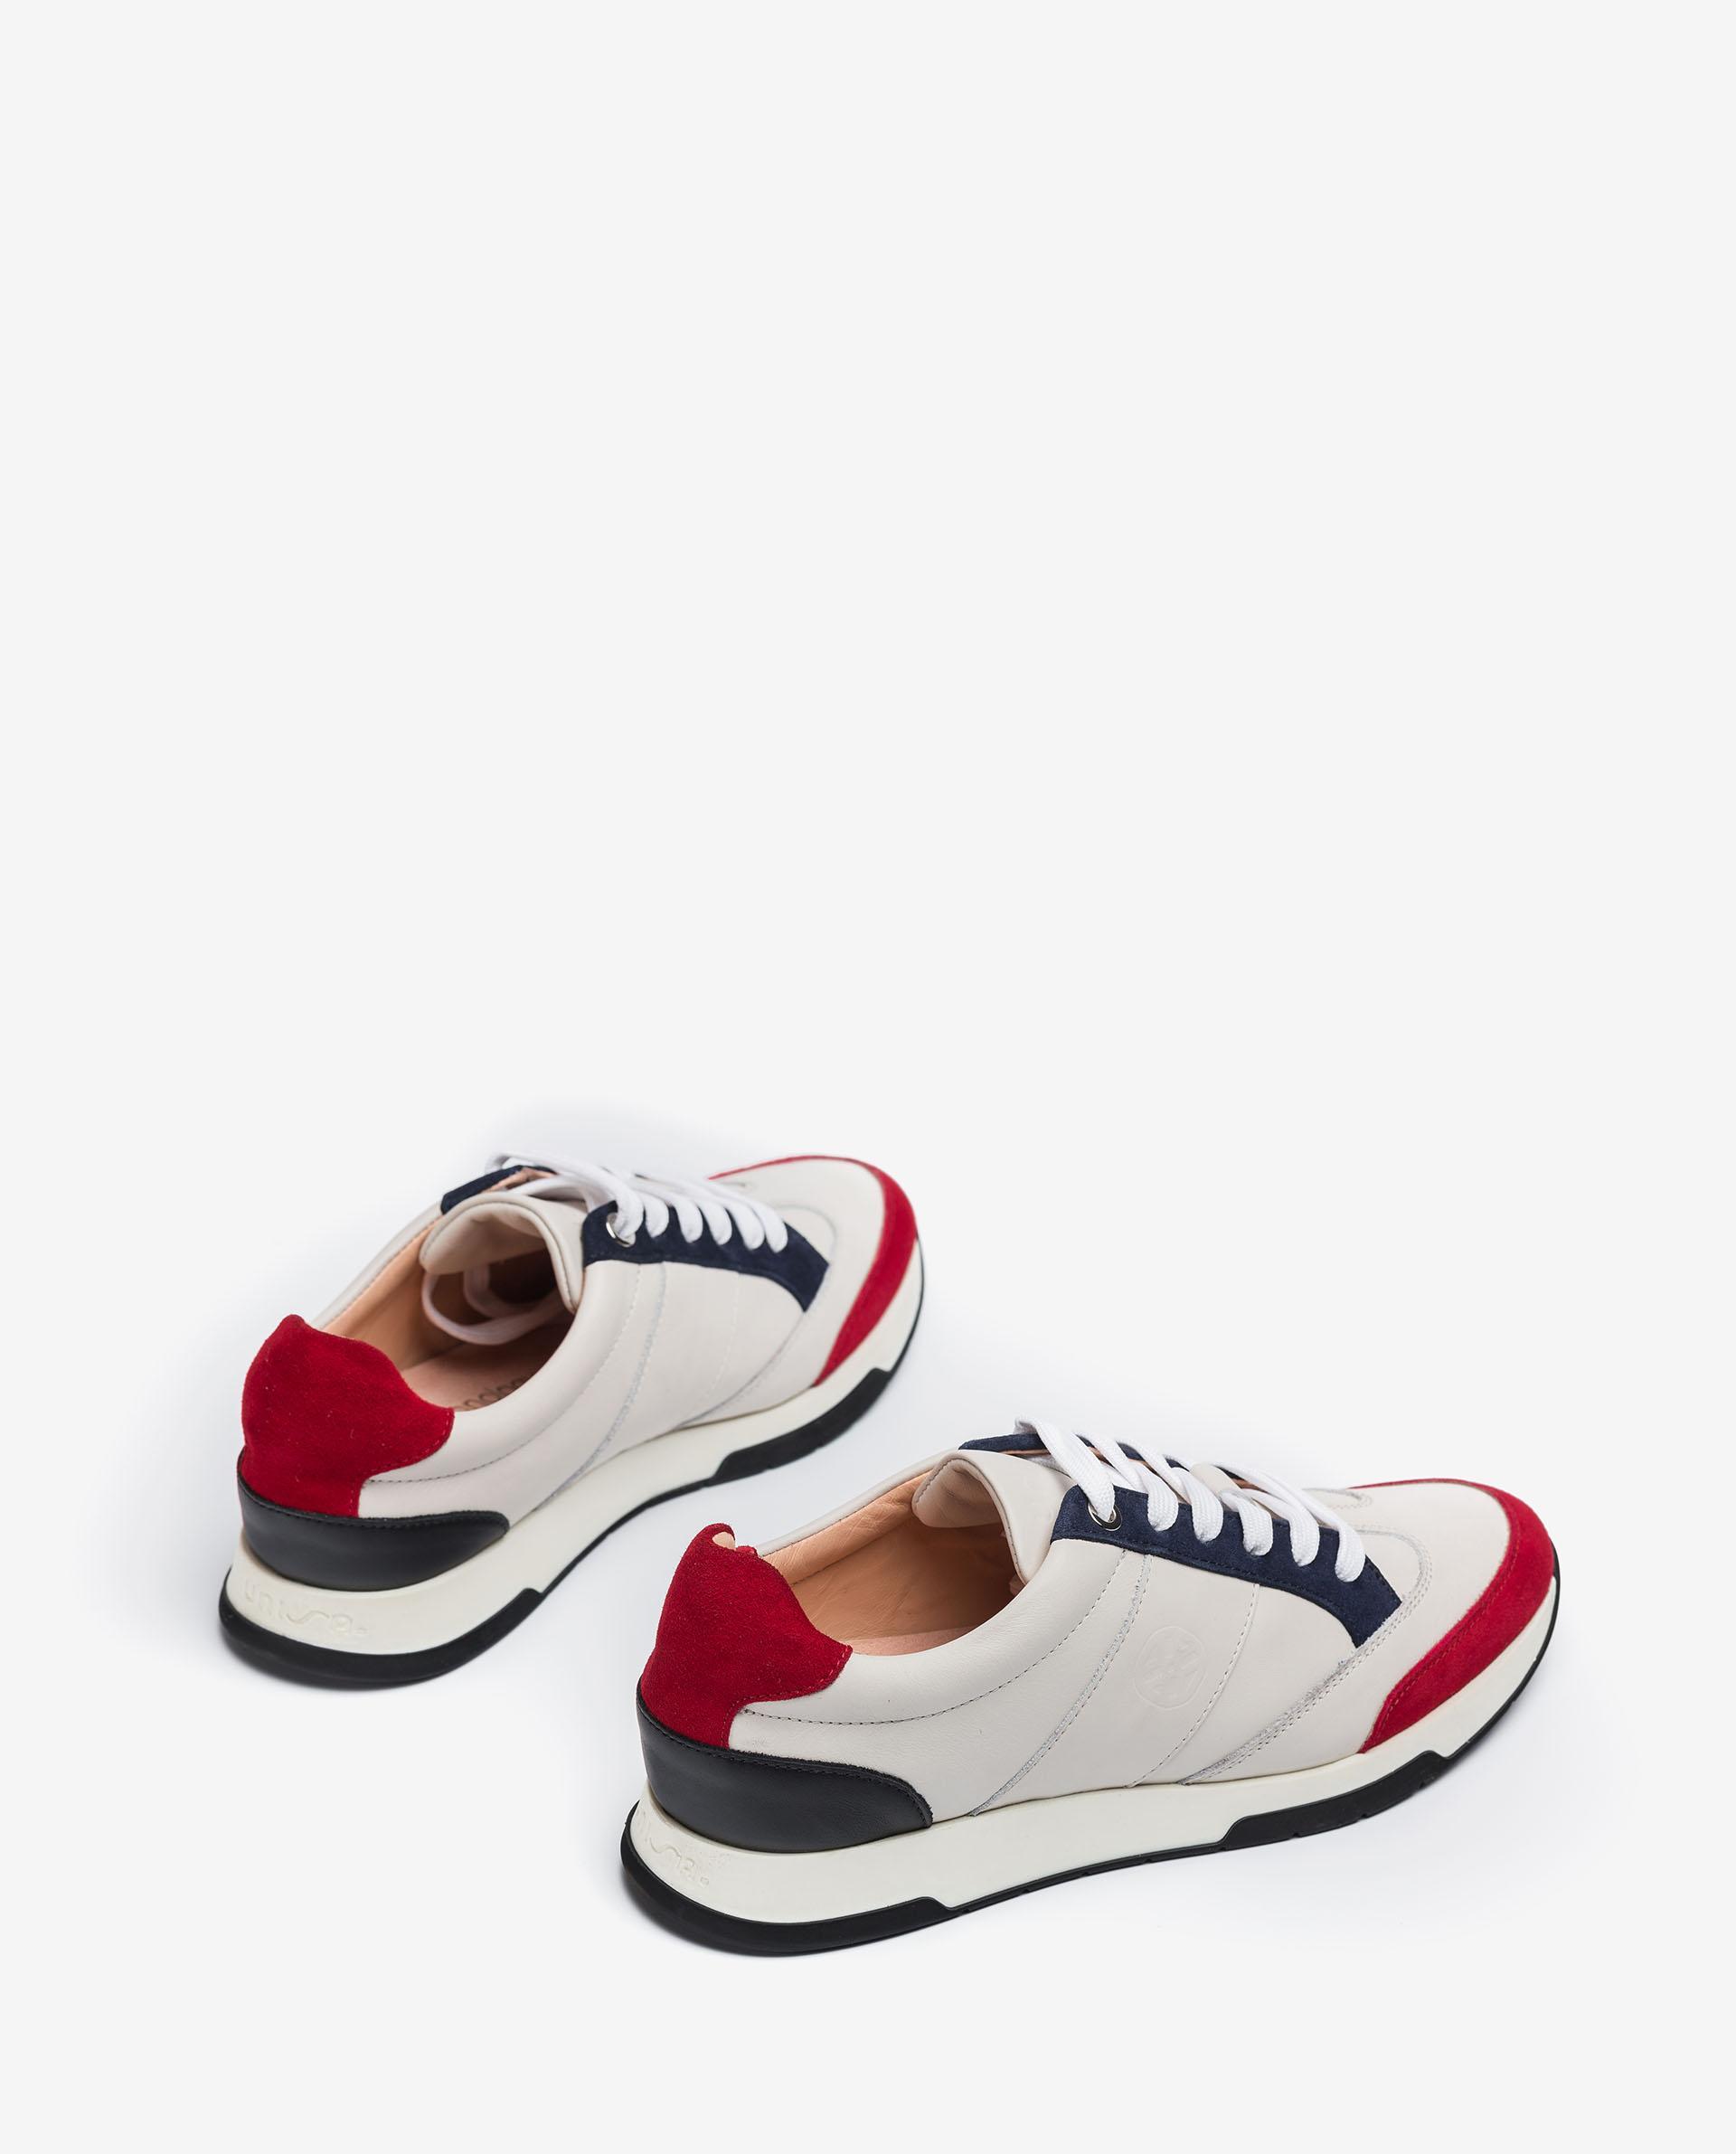 UNISA Chaussure de sport avec monogramme décoratif  FALCONI_21_NF_KS 3